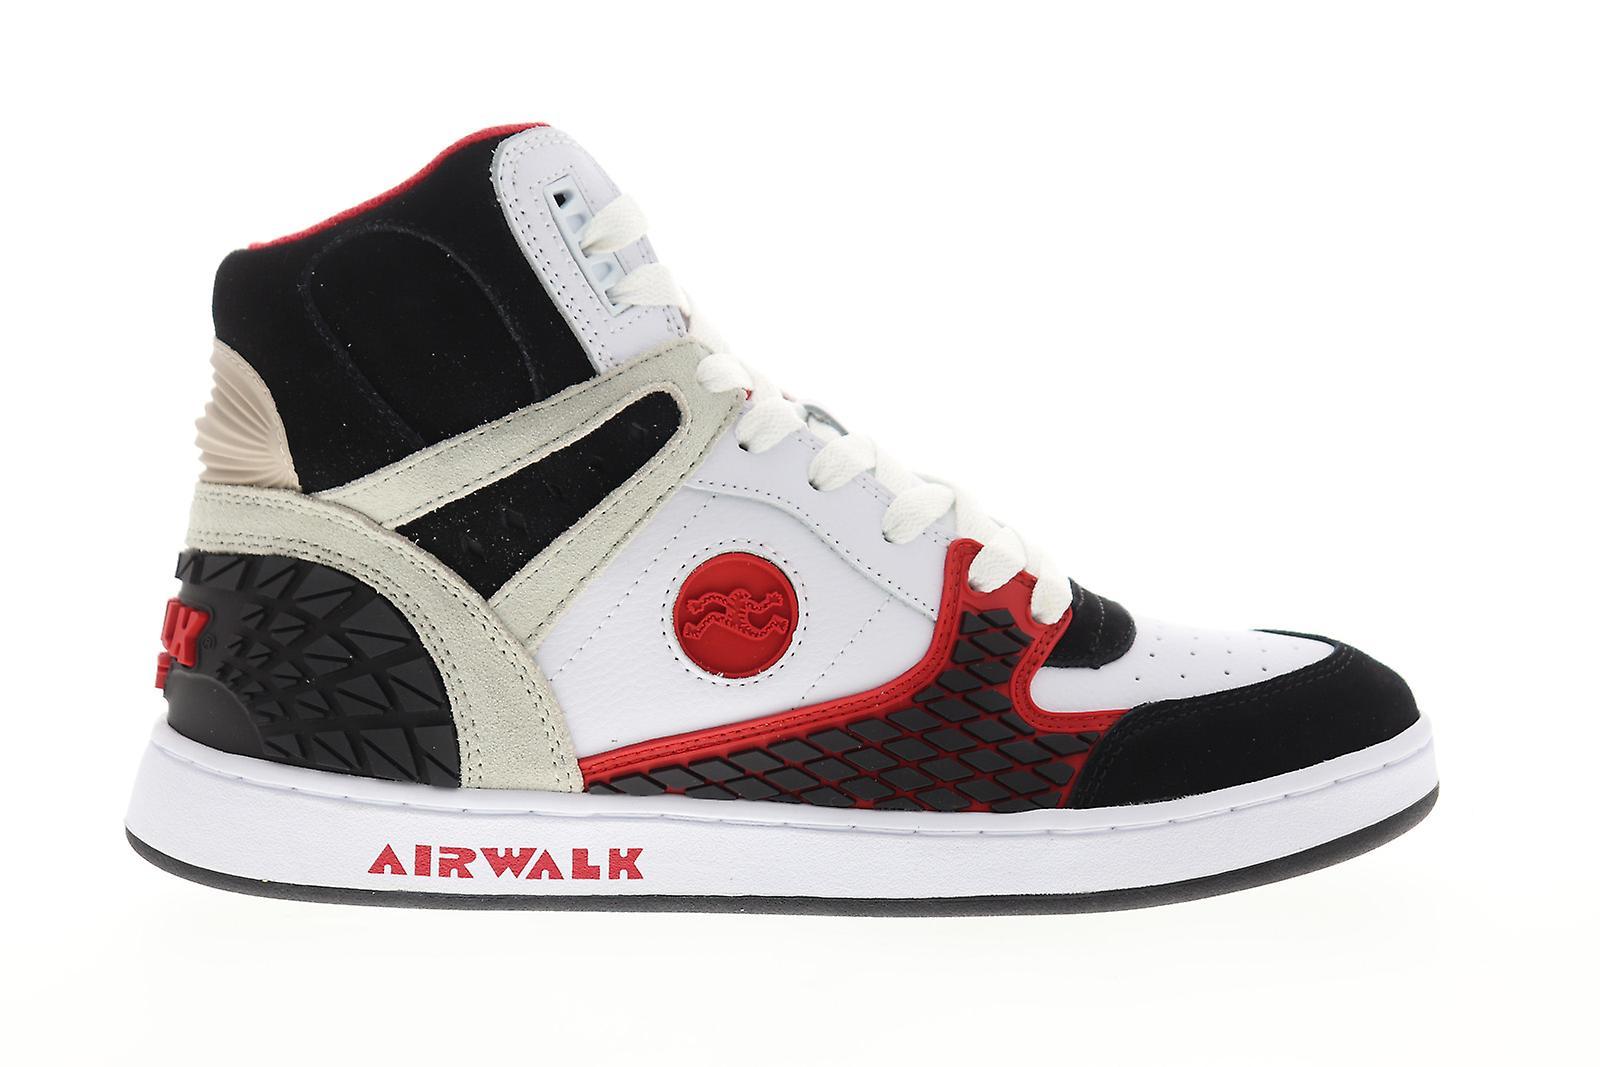 Airwalk prototype 600 menns hvit høy topp atletisk Surf skate sko